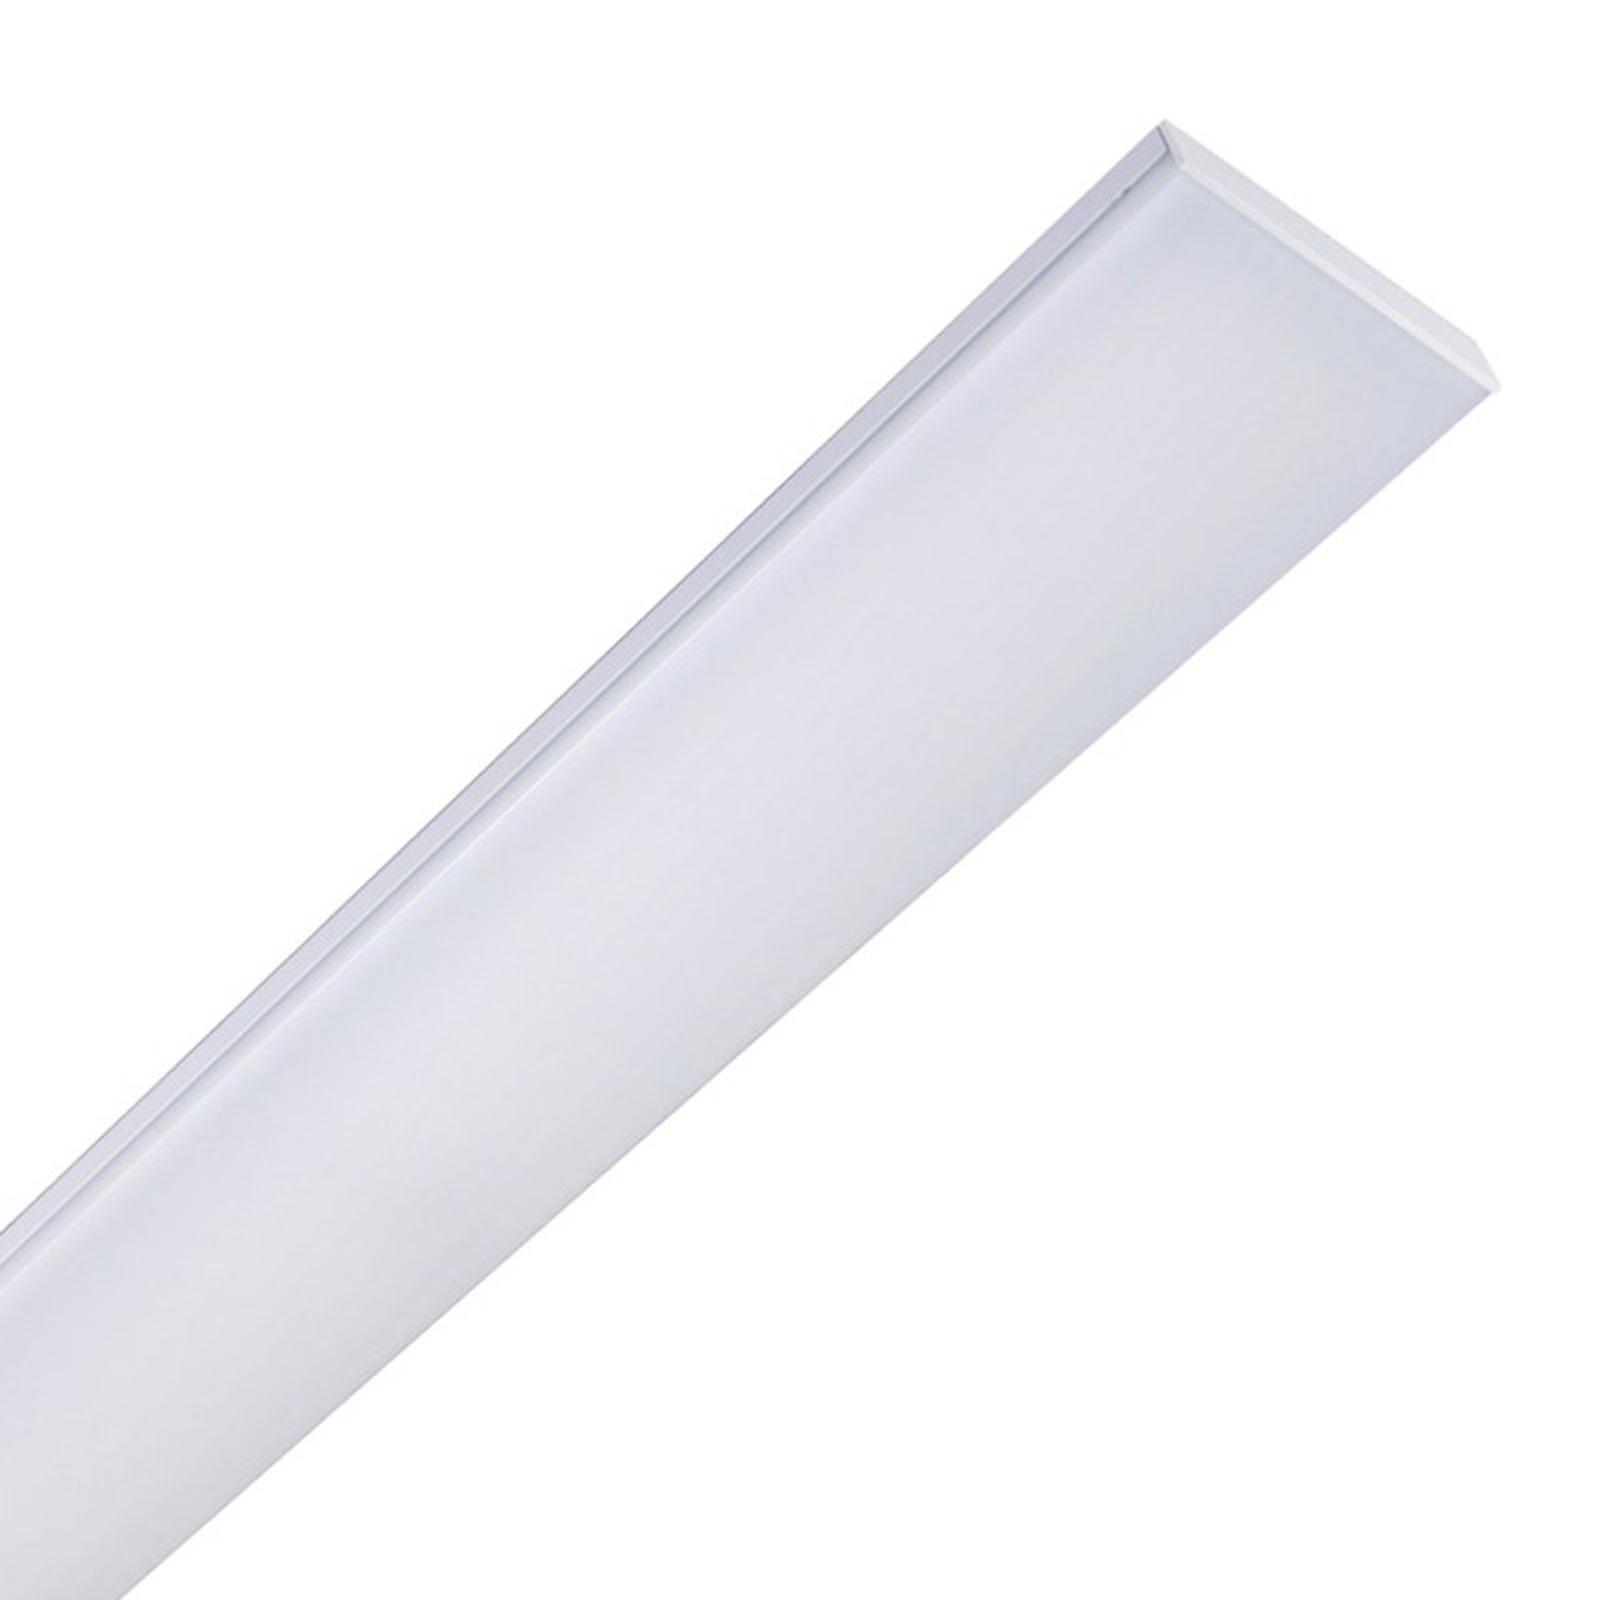 Planus 60 LED-taklampe med universalhvite LED-er